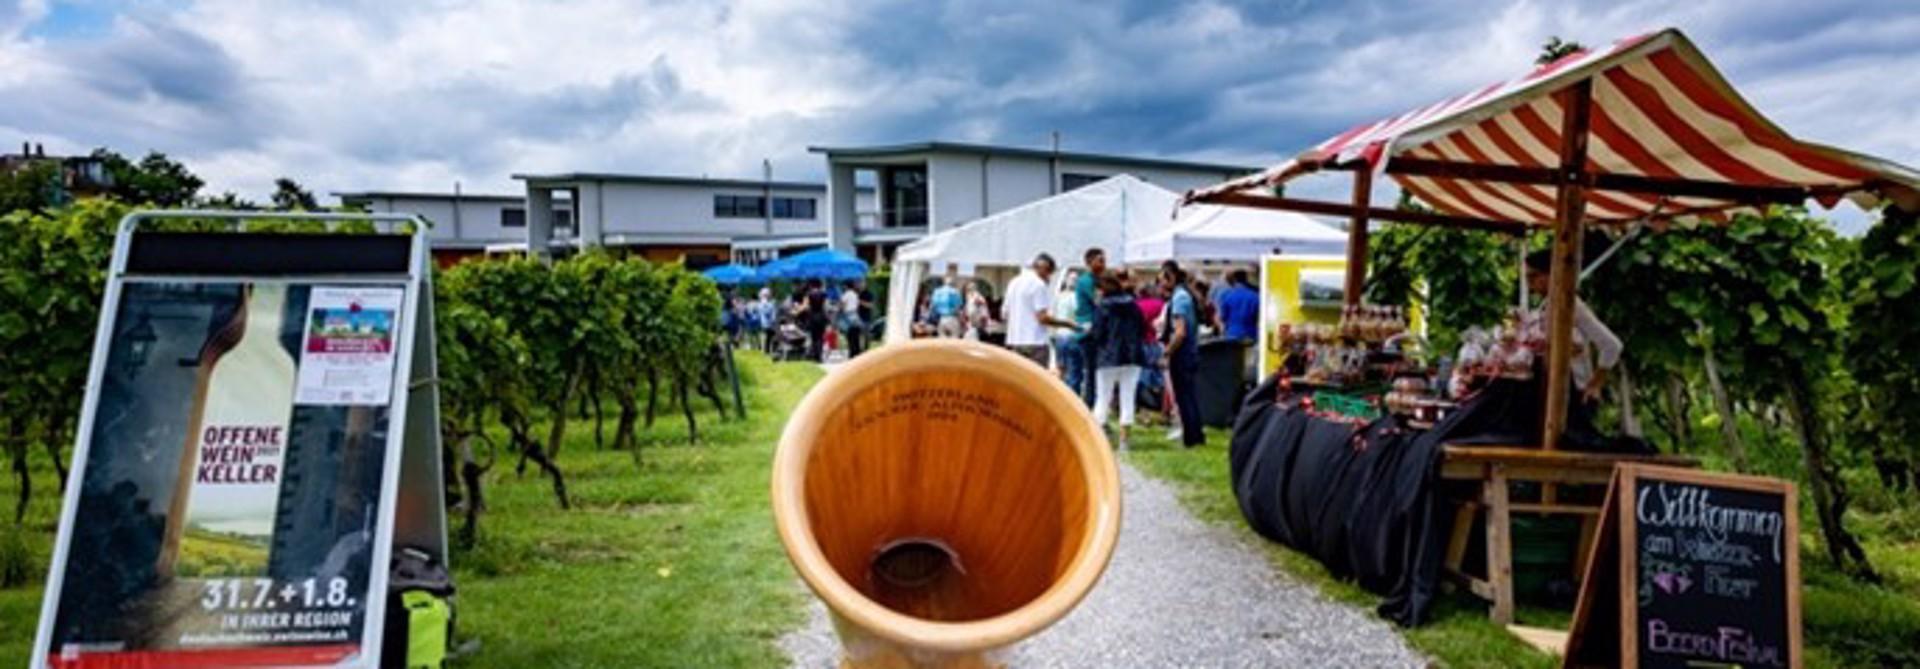 Am vergangenen Wochenende (31. Juli und 1. August) u00f6ffneten u00fcber 170 Winzerinnen und Winzer in der Deutschschweiz einem breiten Publikum ihre Weinkeller. >